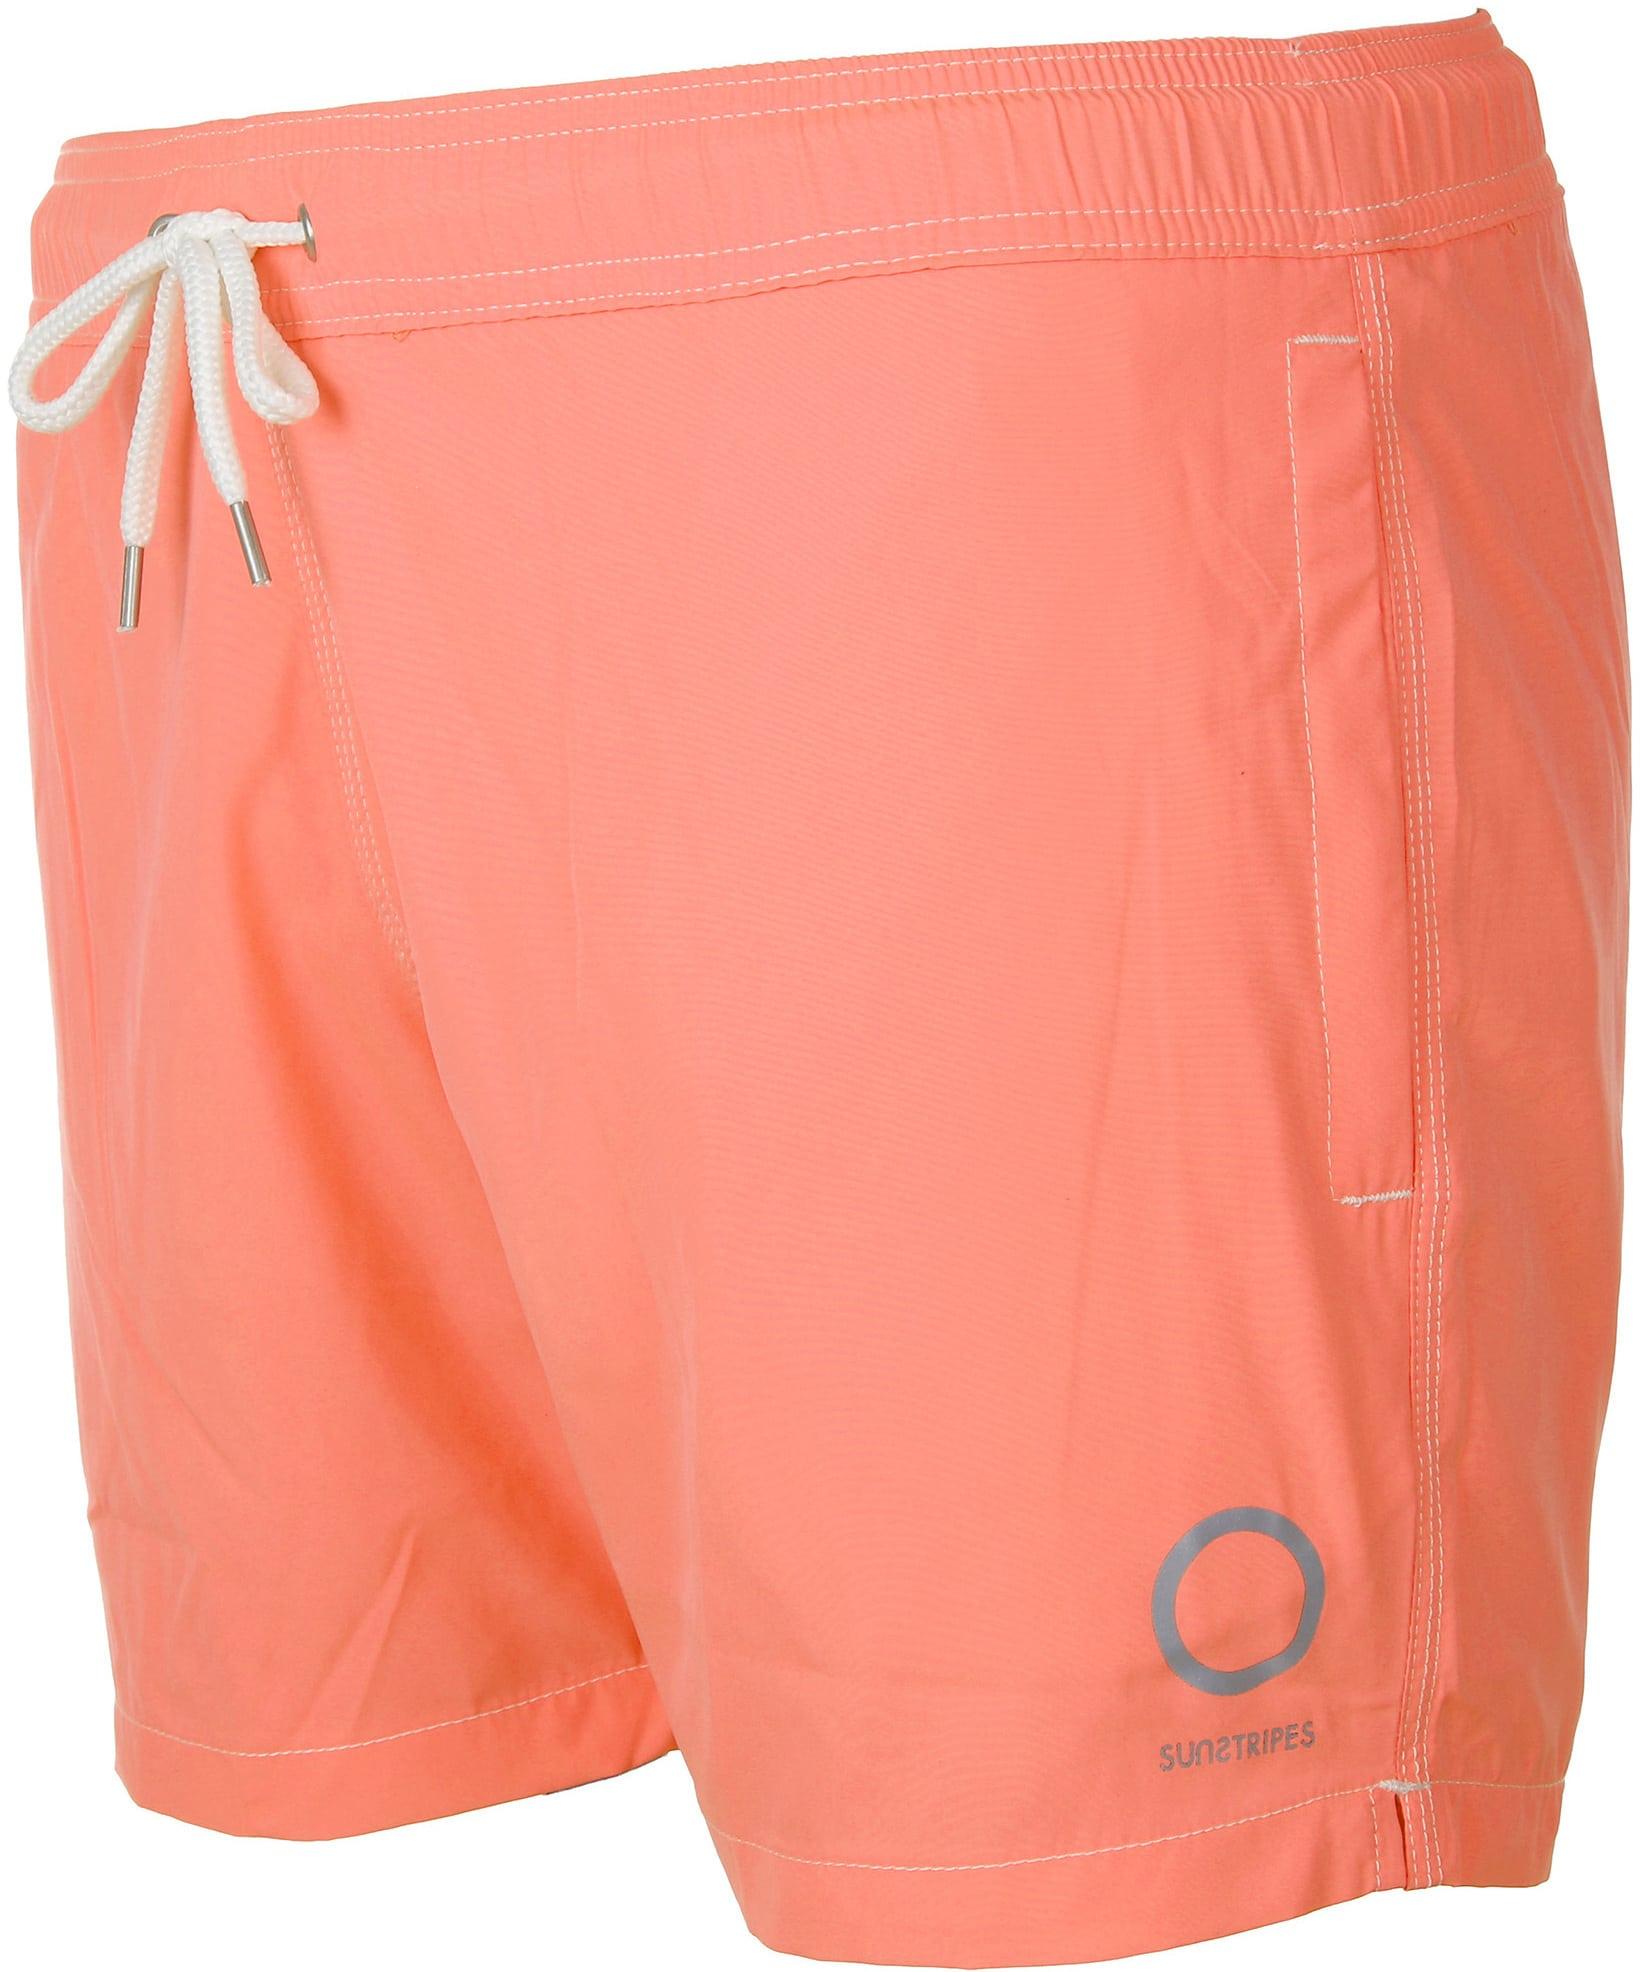 Sunstripes Zwembroek Uni Oranje foto 1